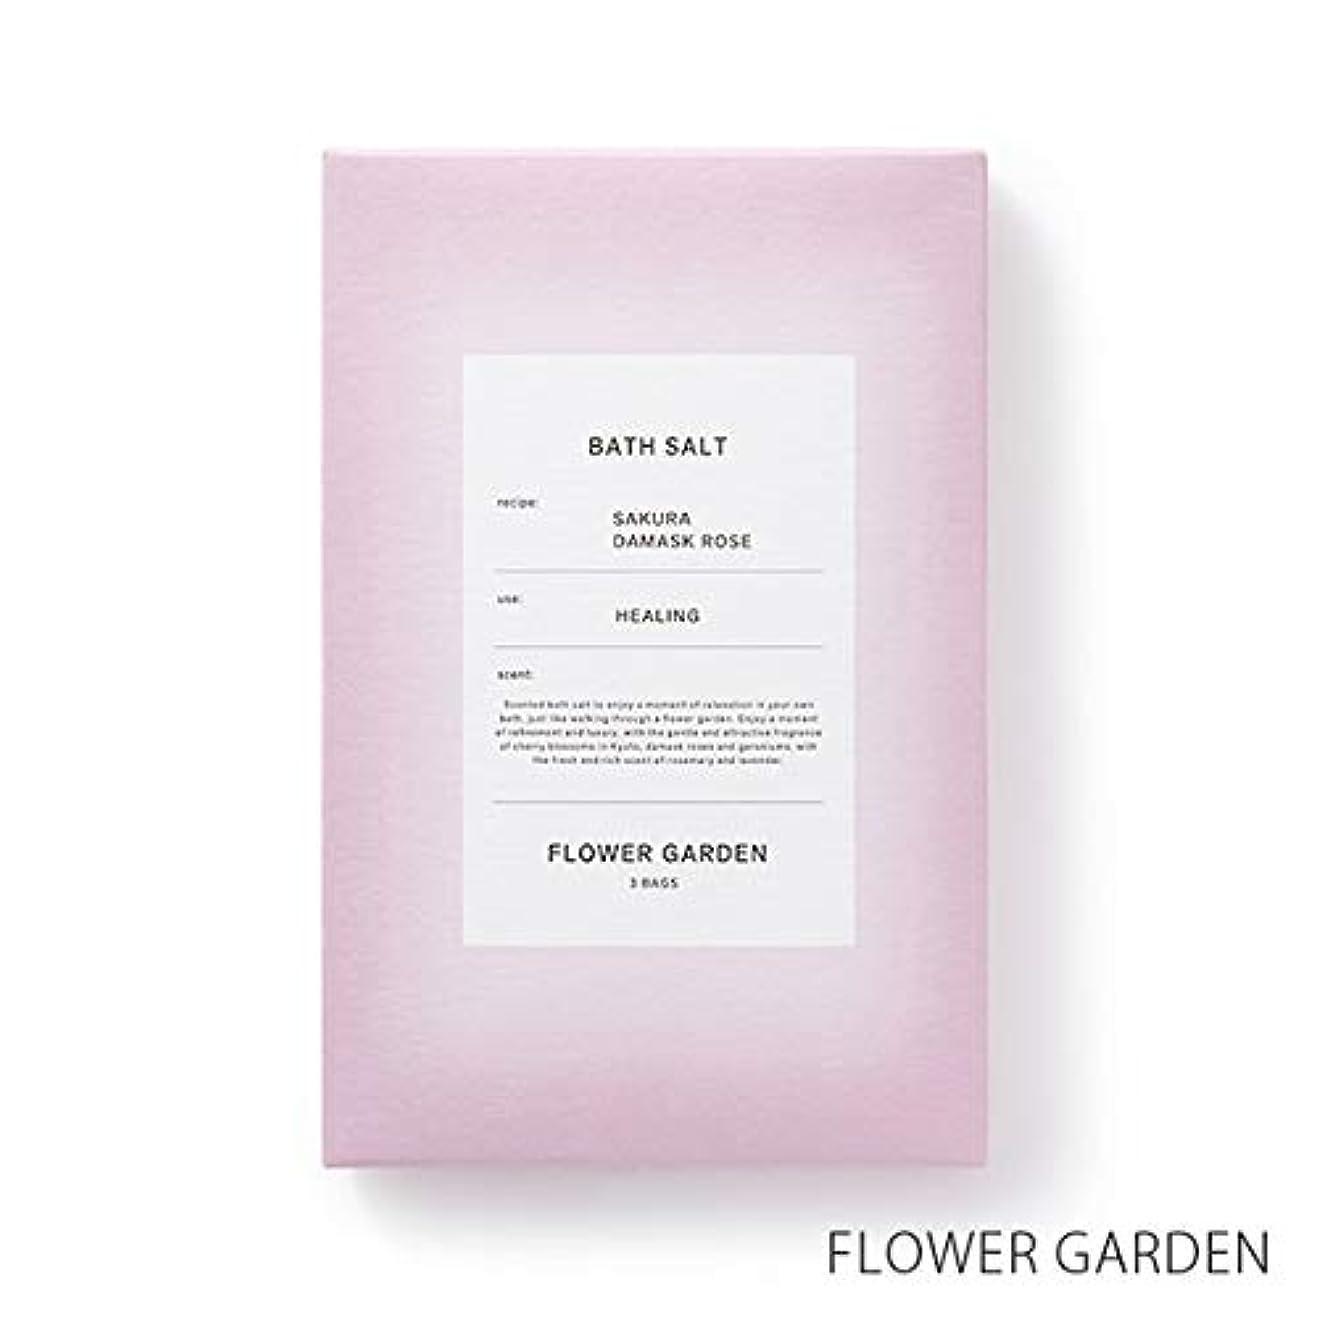 イブニングインシデントコレクション【薫玉堂】 バスソルト FLOWER GARDEN 花の庭 ピンク 和 桜の香り